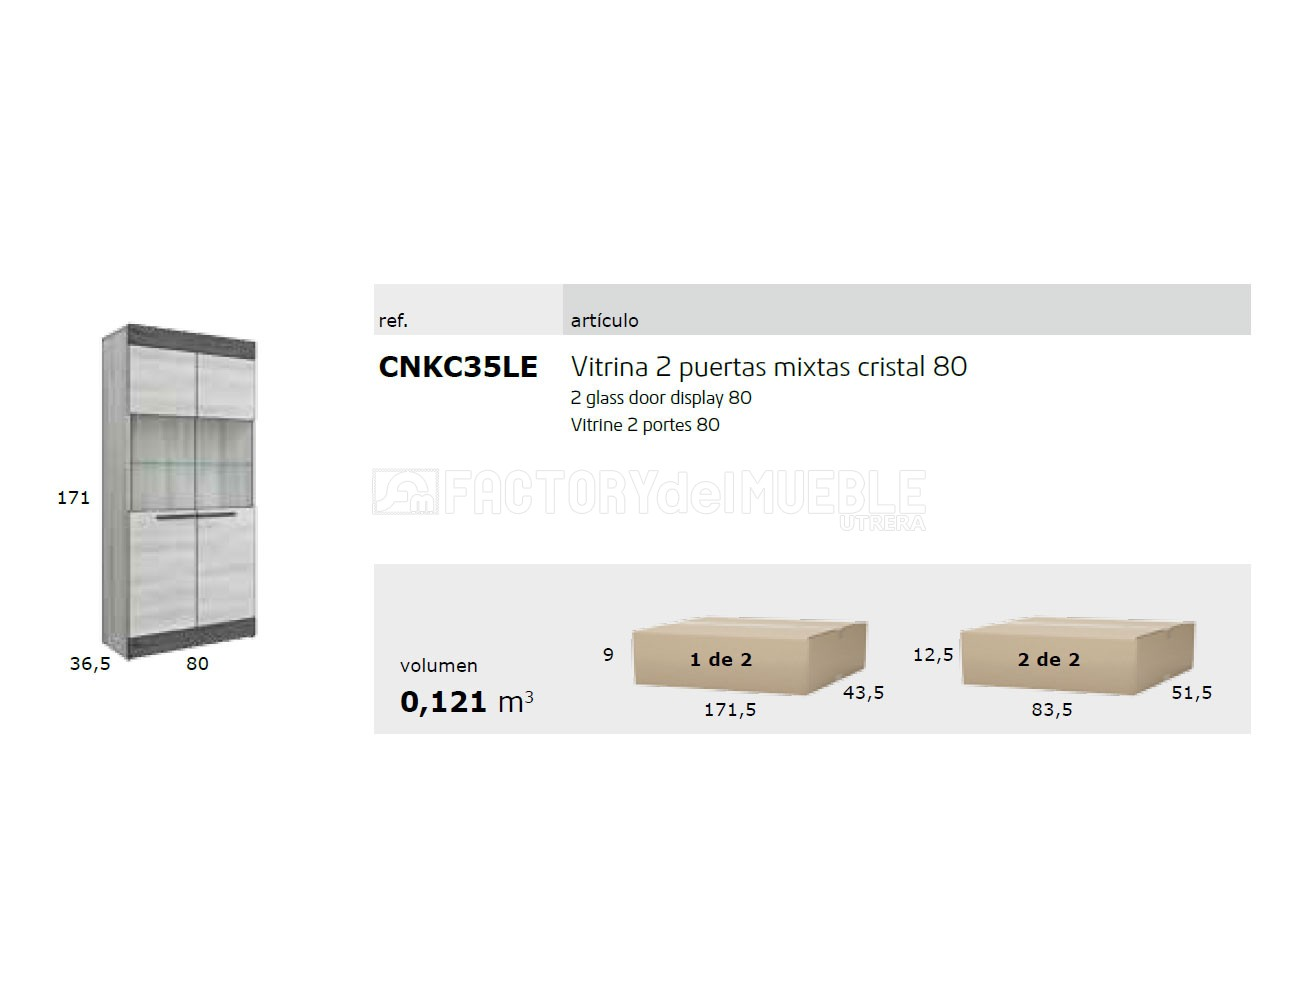 Cnkc35le1